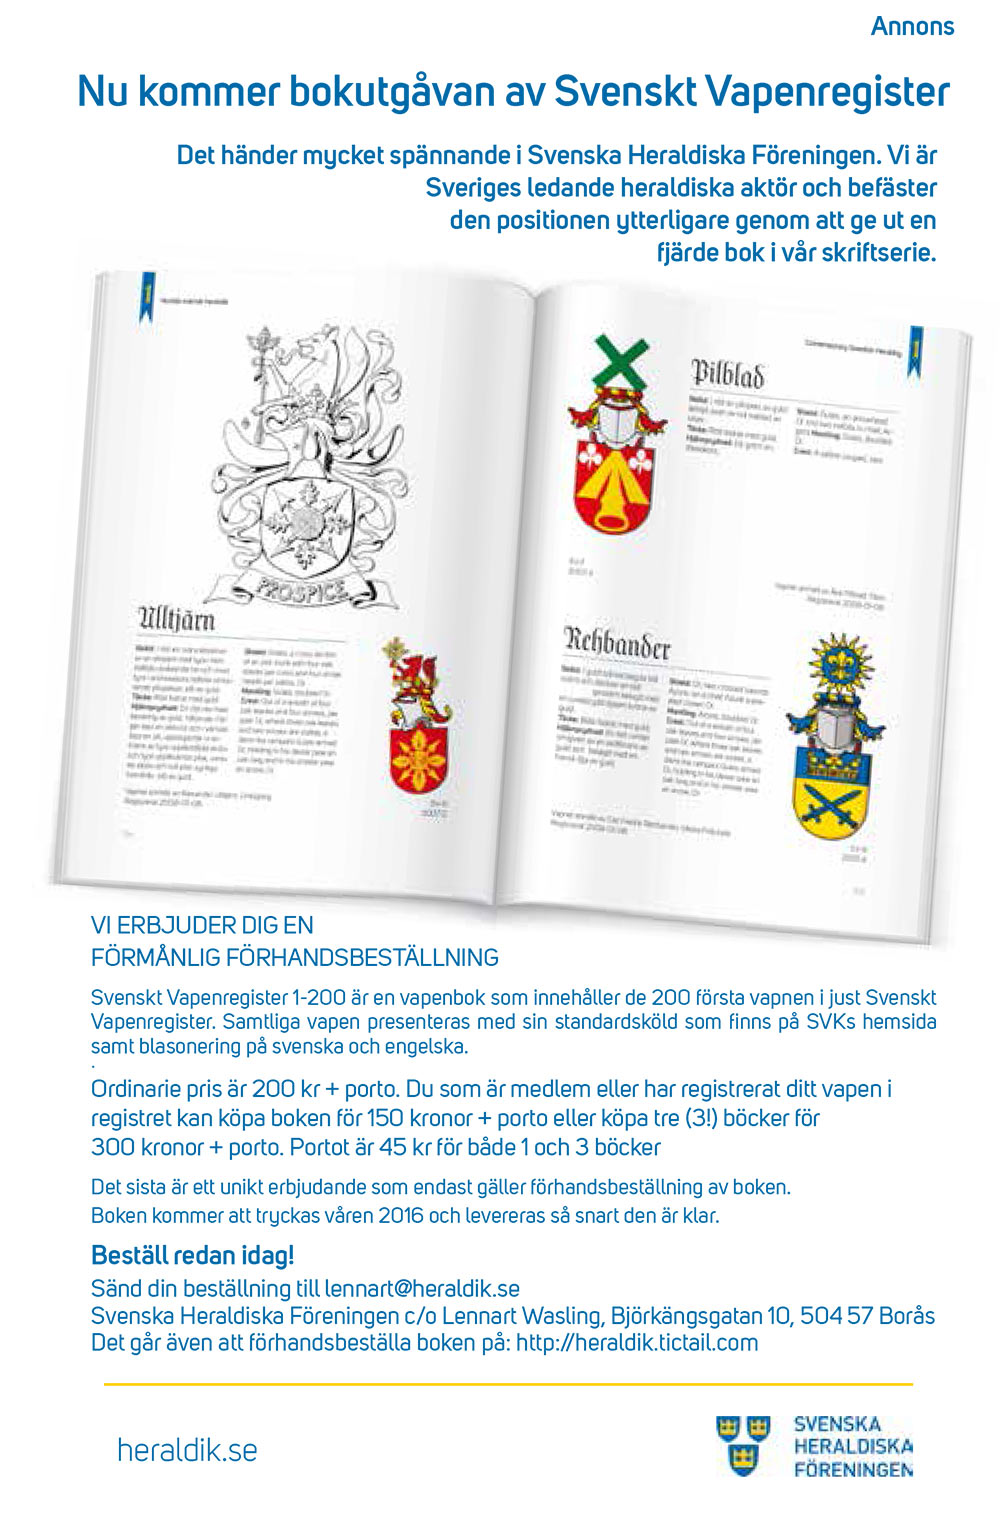 Annons för Svenska Vapenkollegiets bok.